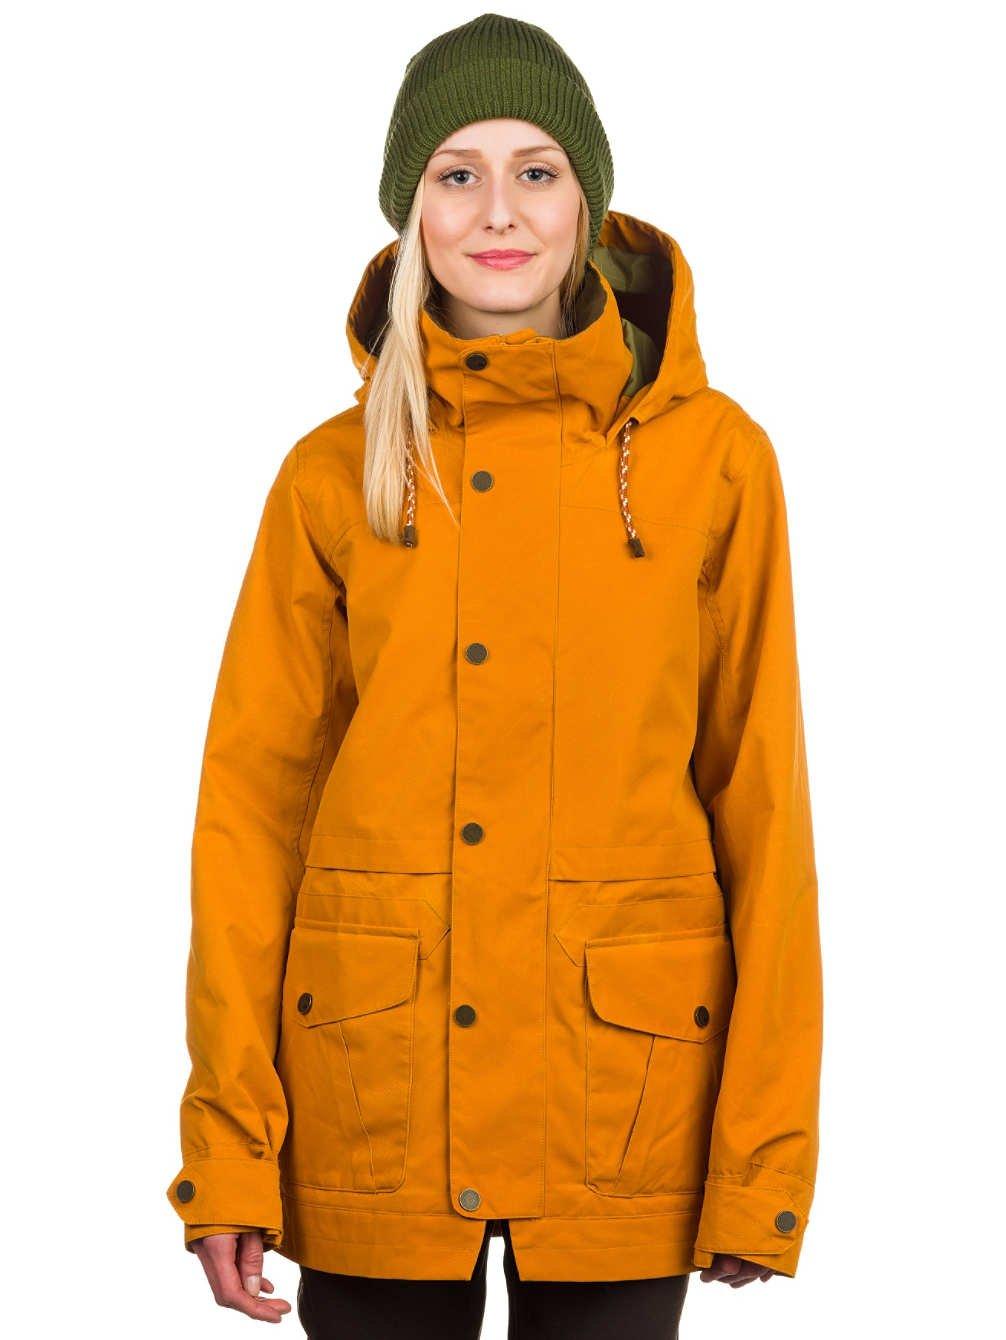 Burton Damen Snowboardjacke günstig bestellen